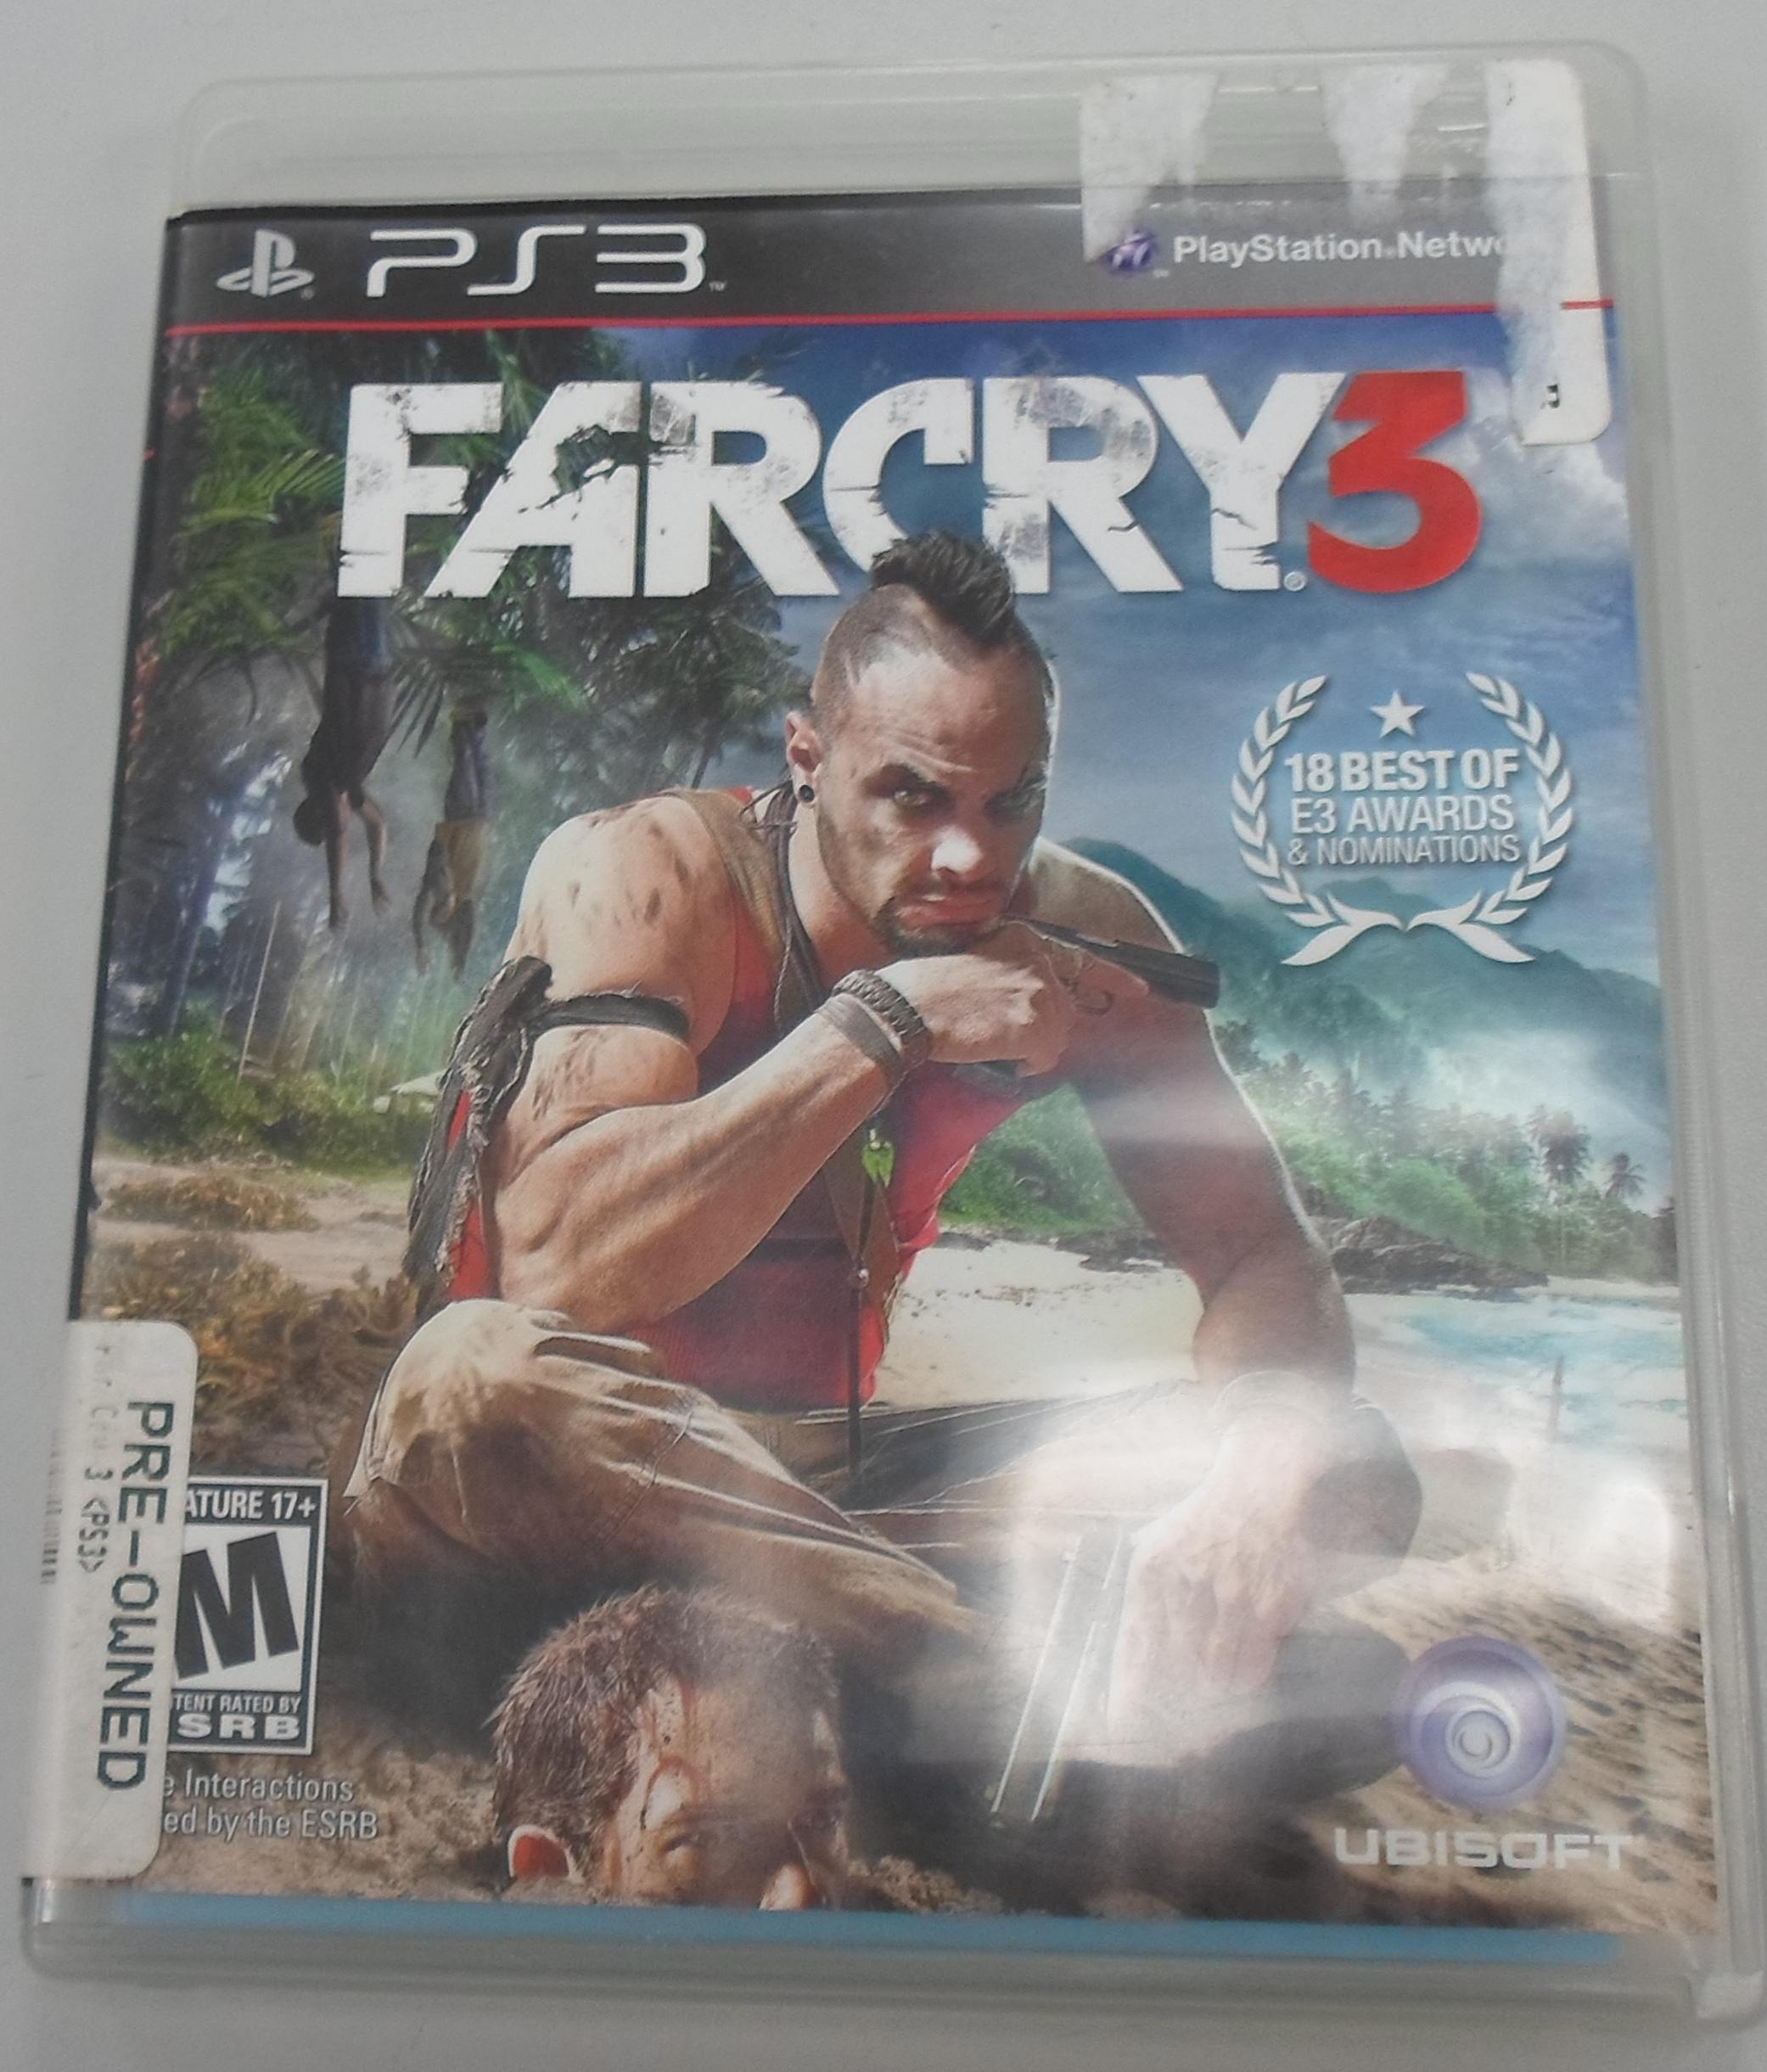 FARCRY 3 PLAYSTATION 3